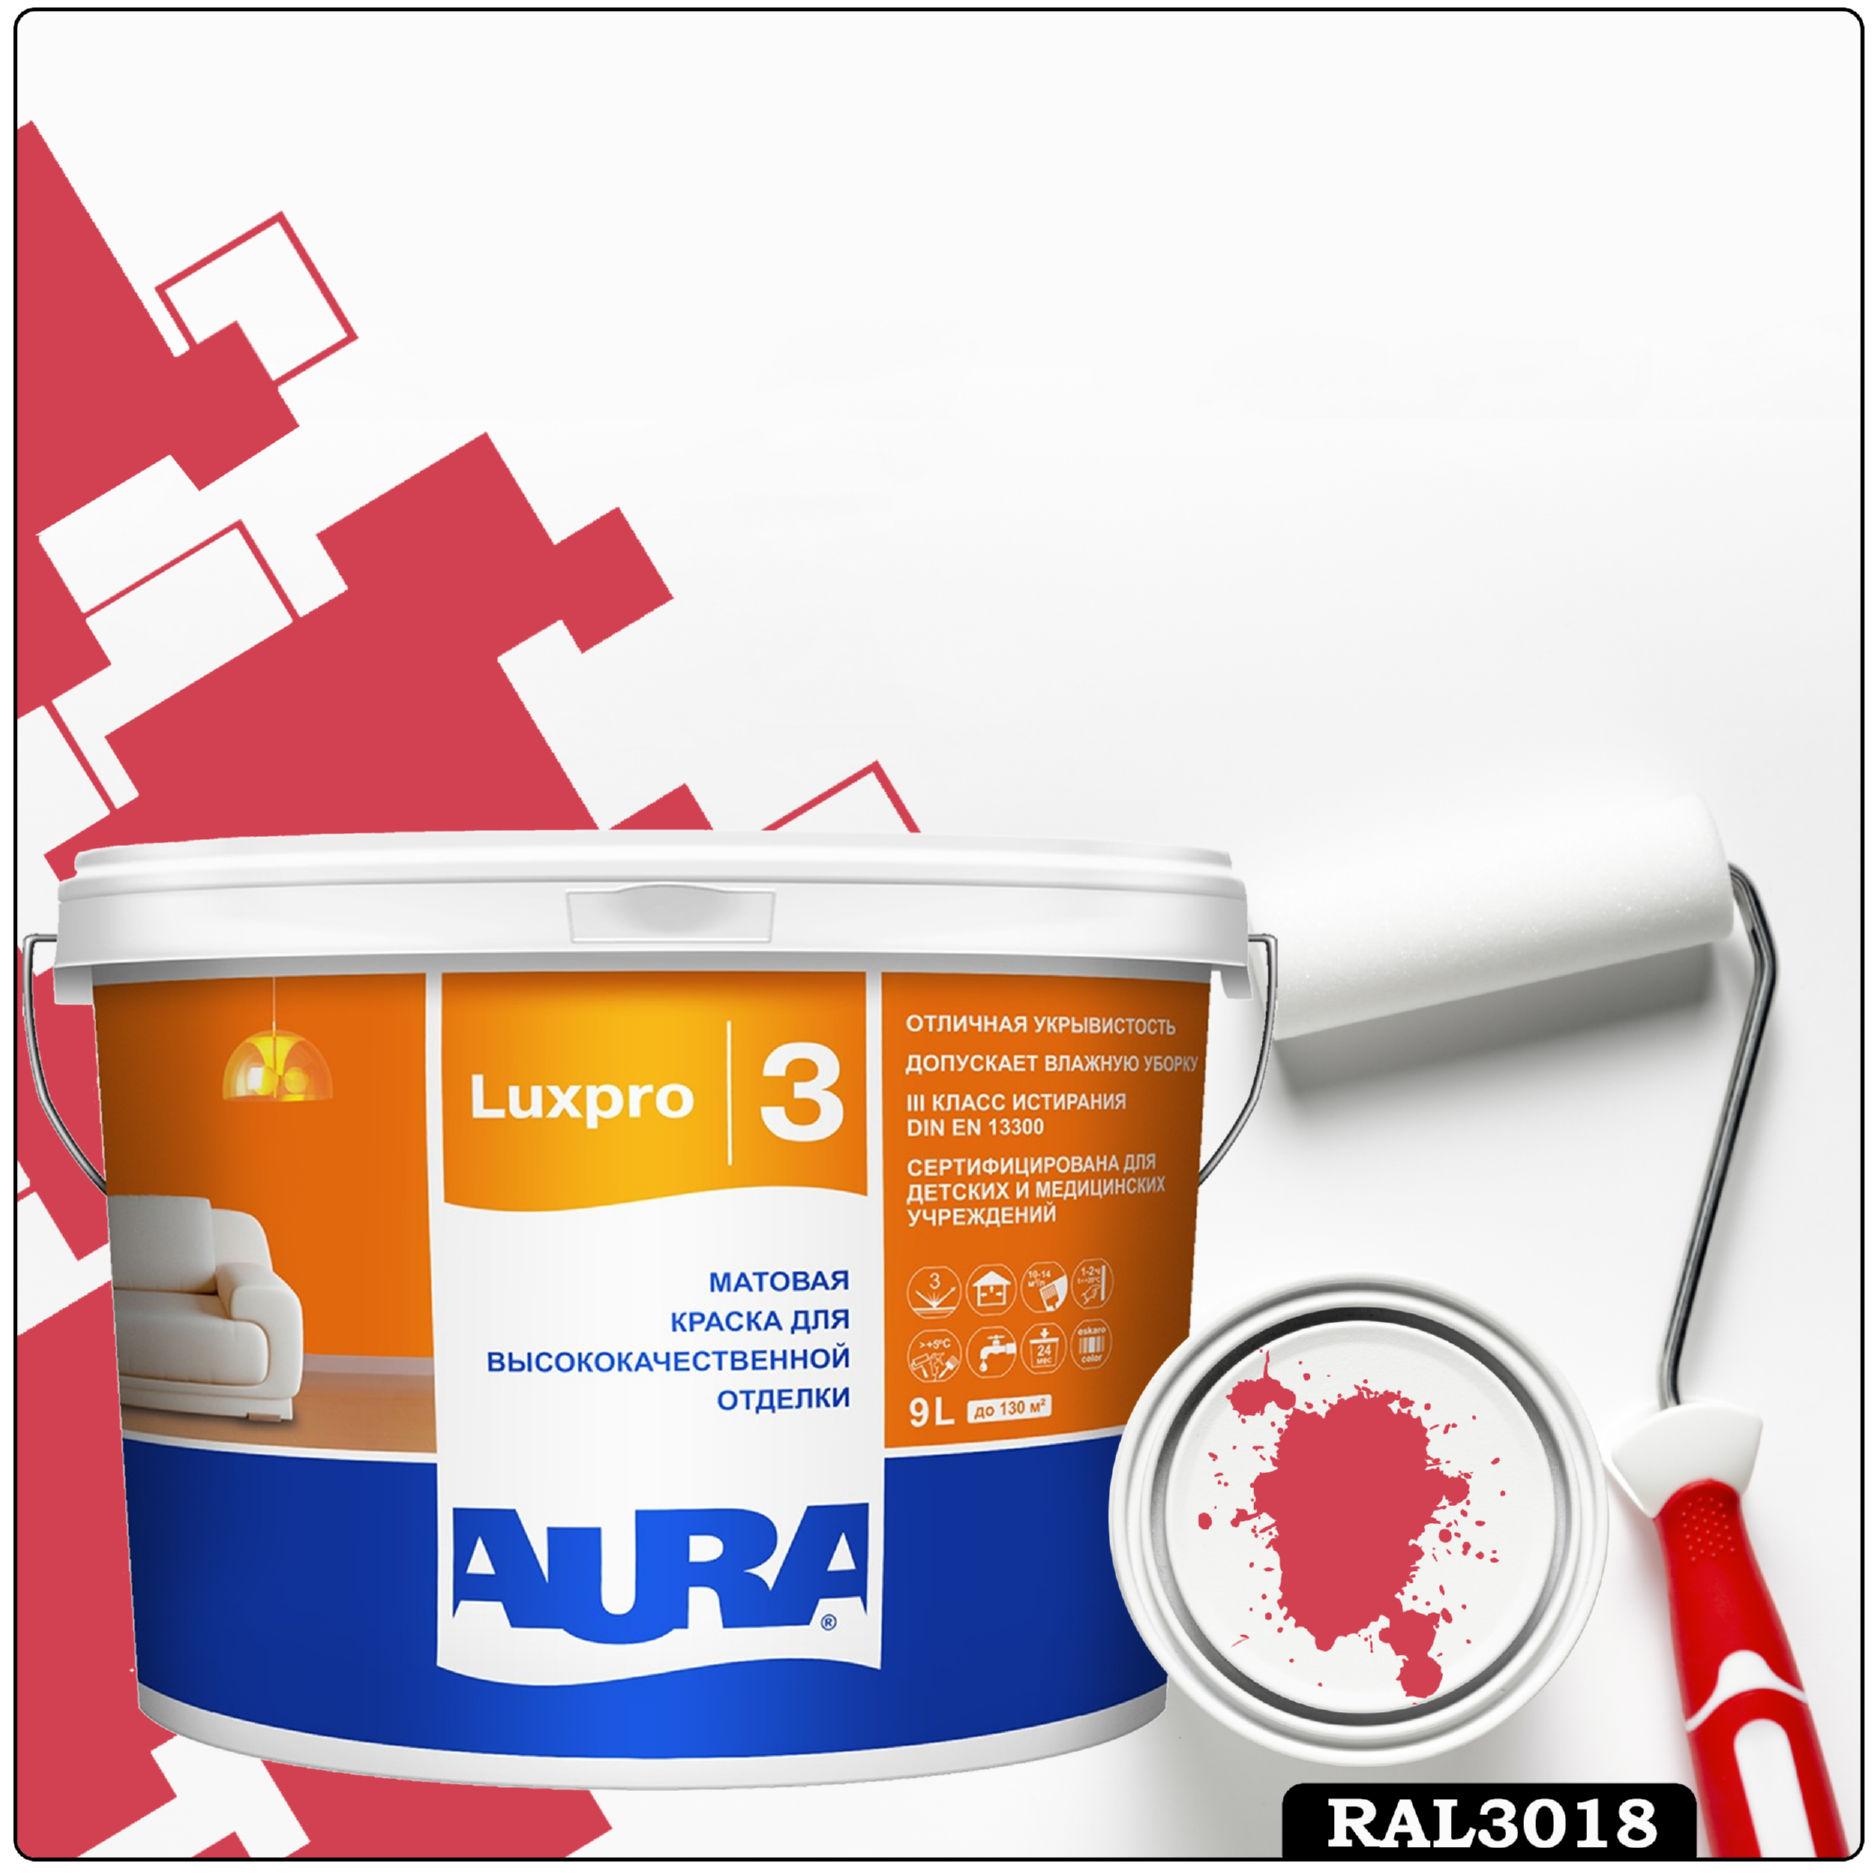 Фото 2 - Краска Aura LuxPRO 3, RAL 3018 Клубнично-красный, латексная, шелково-матовая, интерьерная, 9л, Аура.